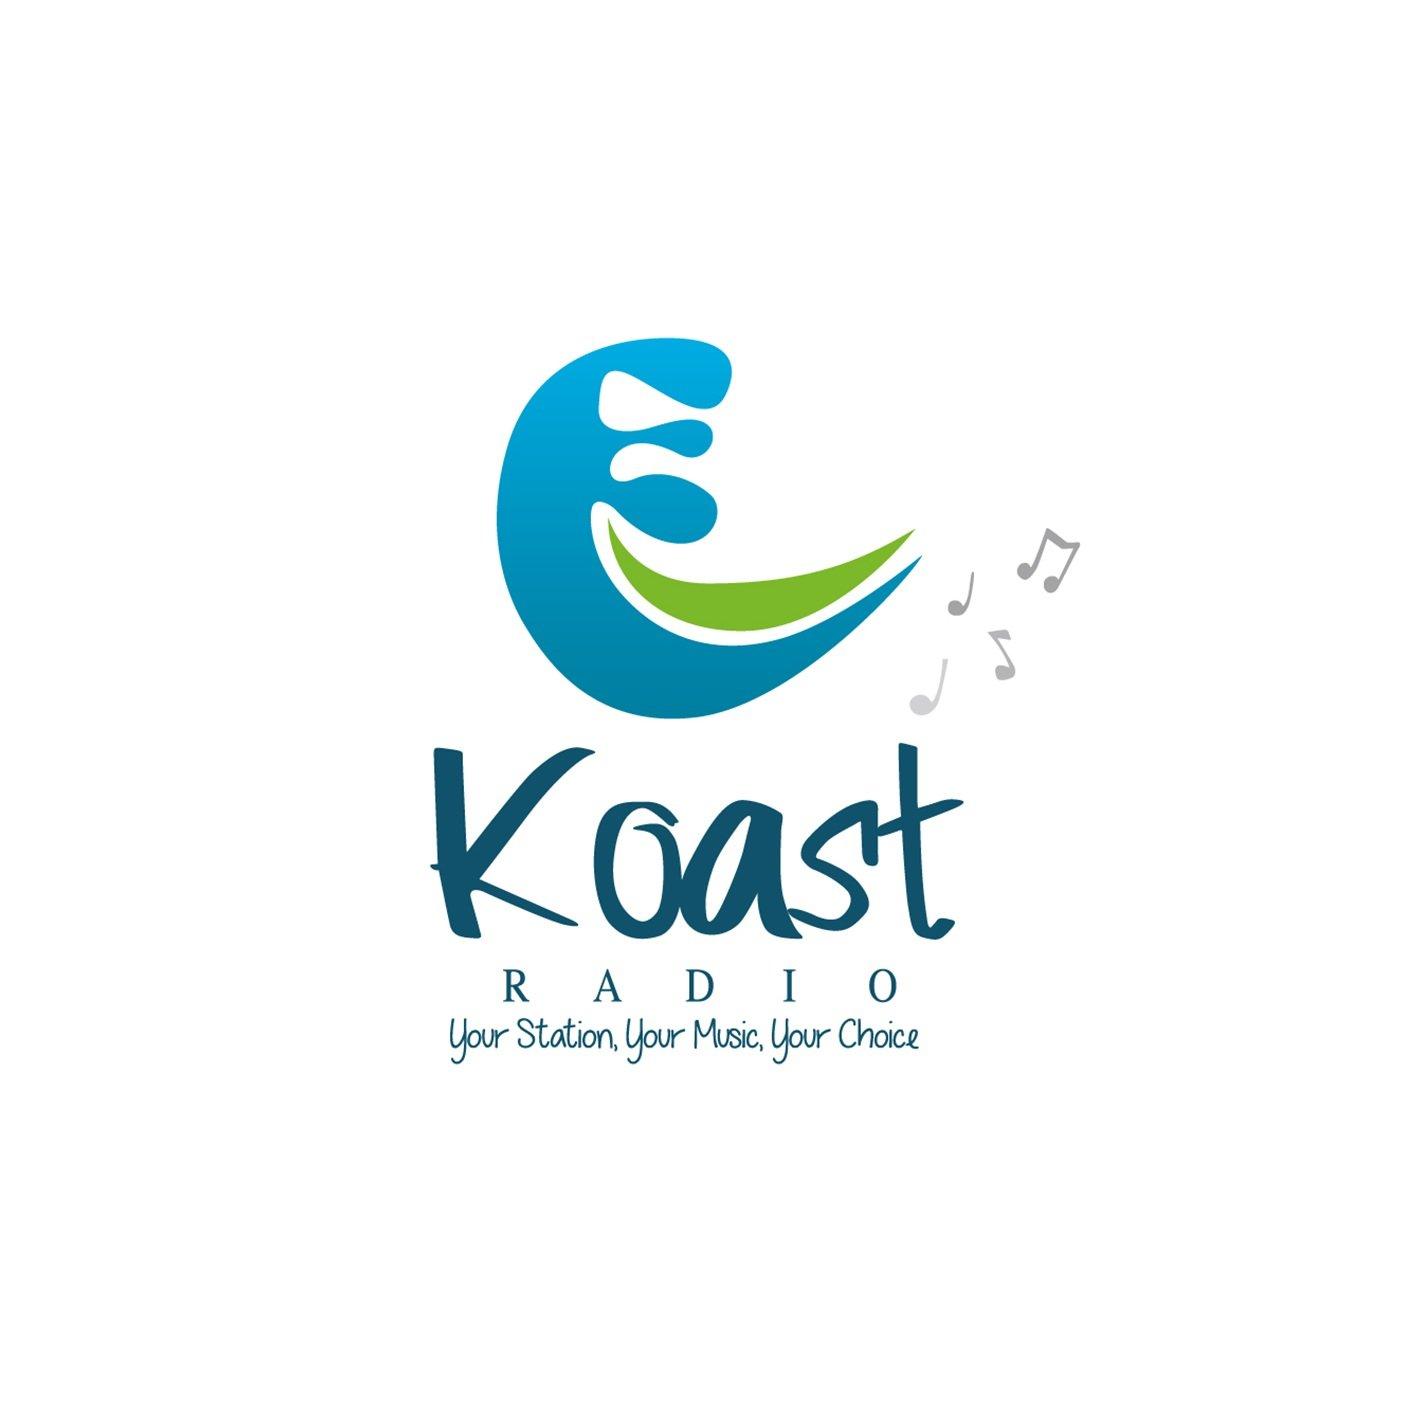 (c) Koastradio.co.uk